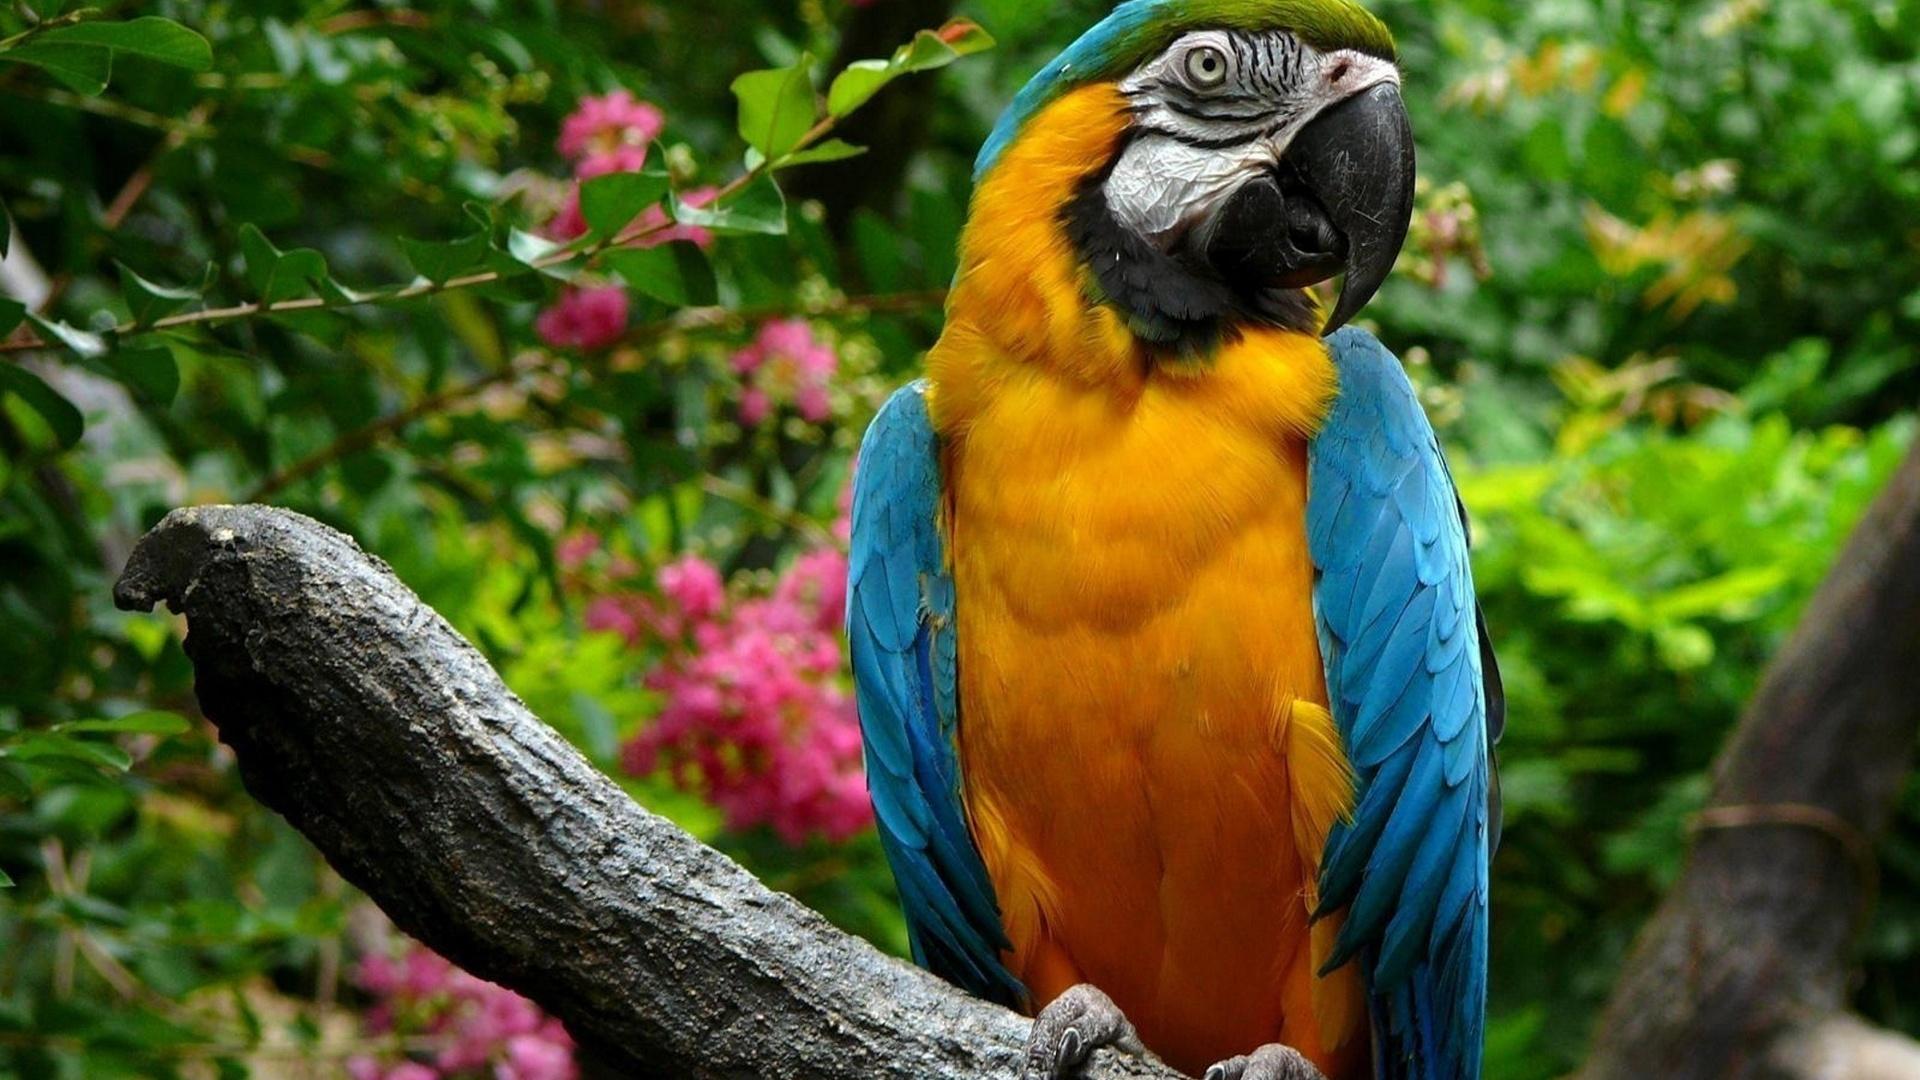 свидетельству фотографа-натуралиста посмотреть фото животных и птиц касается генетического аспекта